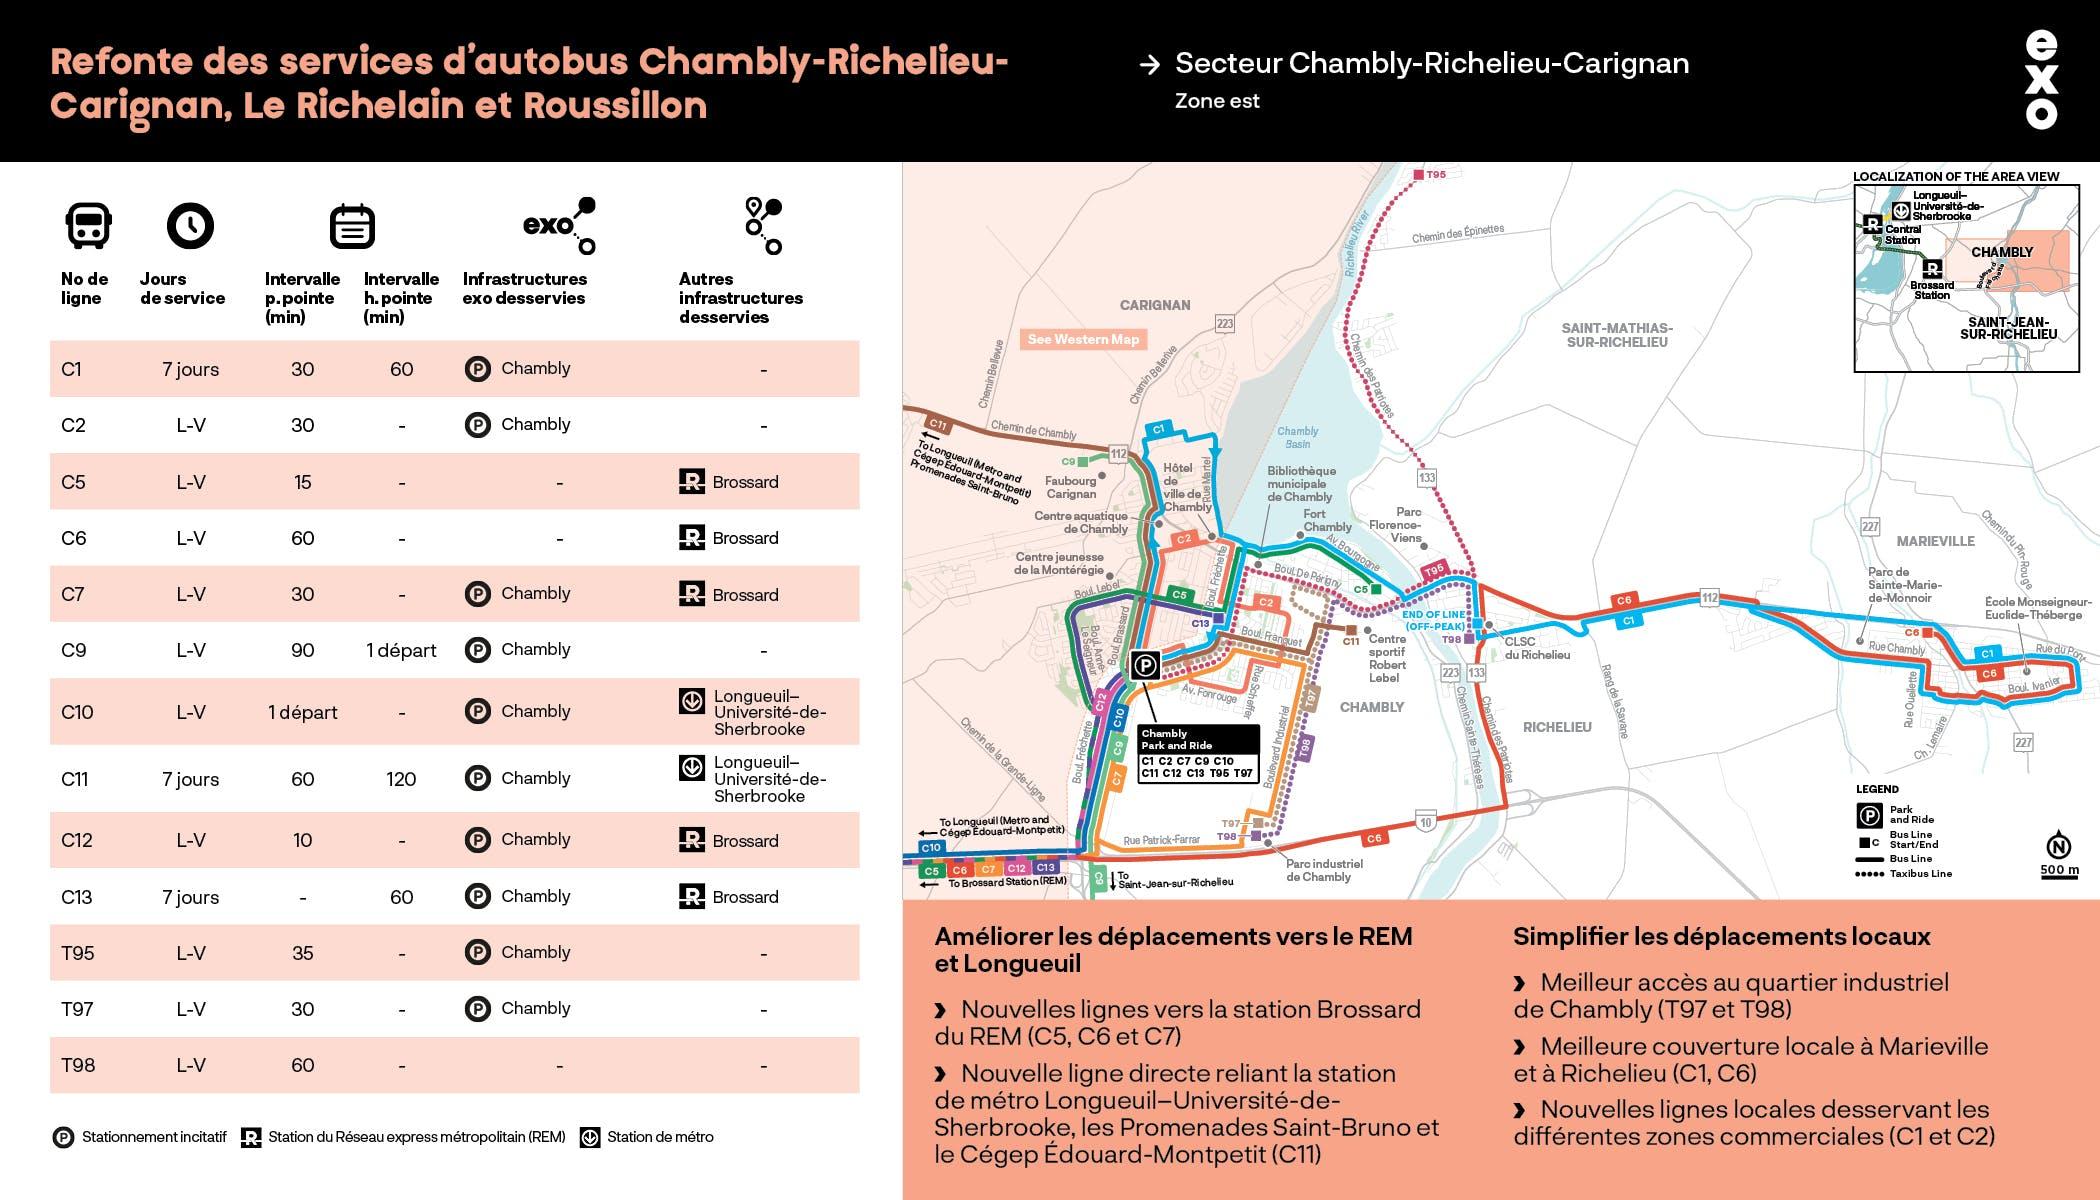 Secteur Chambly-Richelieu-Carignan : Zone est